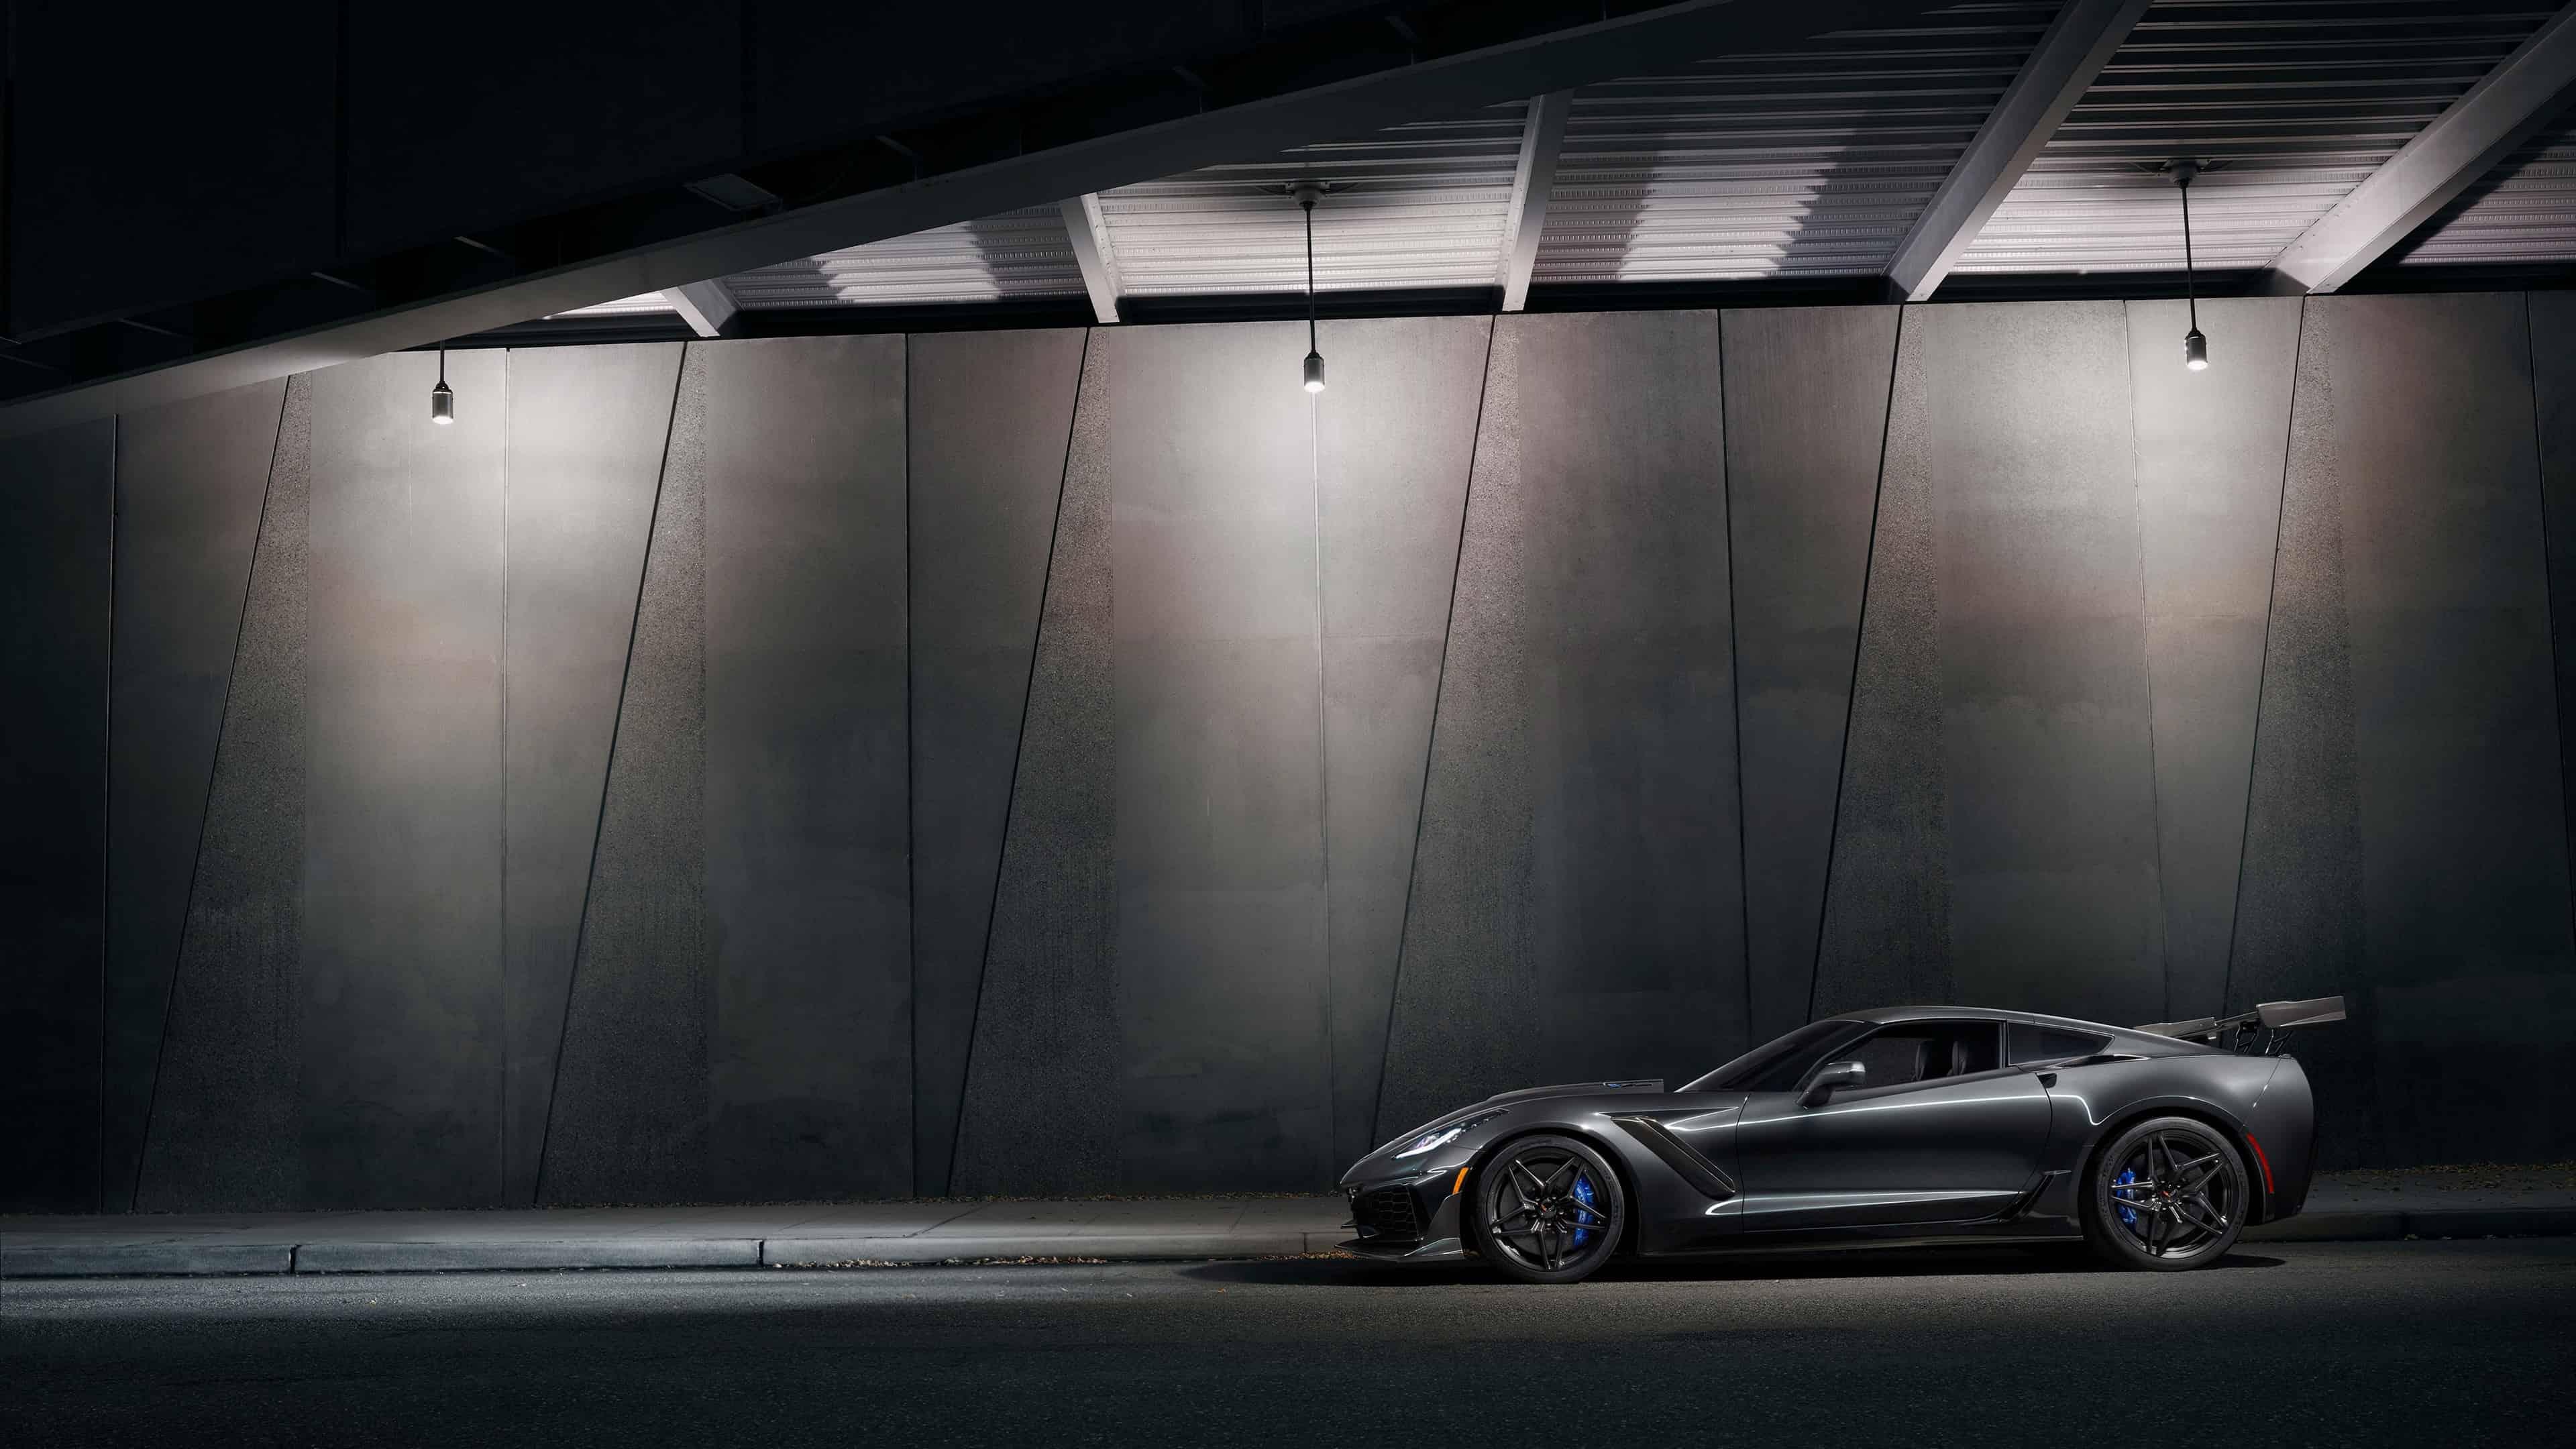 chevrolet corvette zr1 black side uhd 4k wallpaper